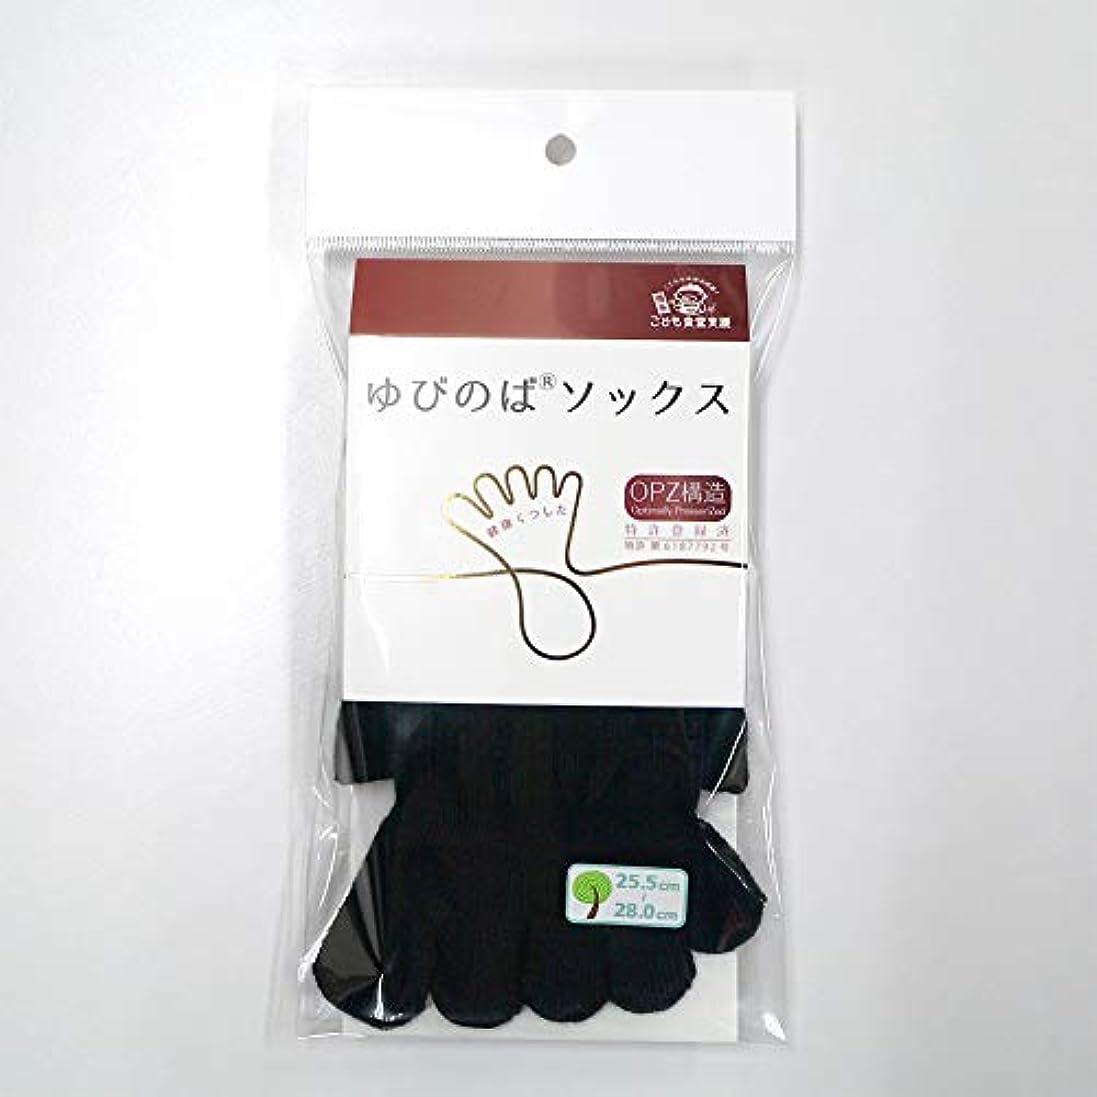 ブレイズ口述薄いですひろのば(ゆびのば) ソックス スーパー(プレミアム) 着圧 矯正5本指ソックス M(男性または足長24.5cm以上の方用) ブラック 標準パッケージ